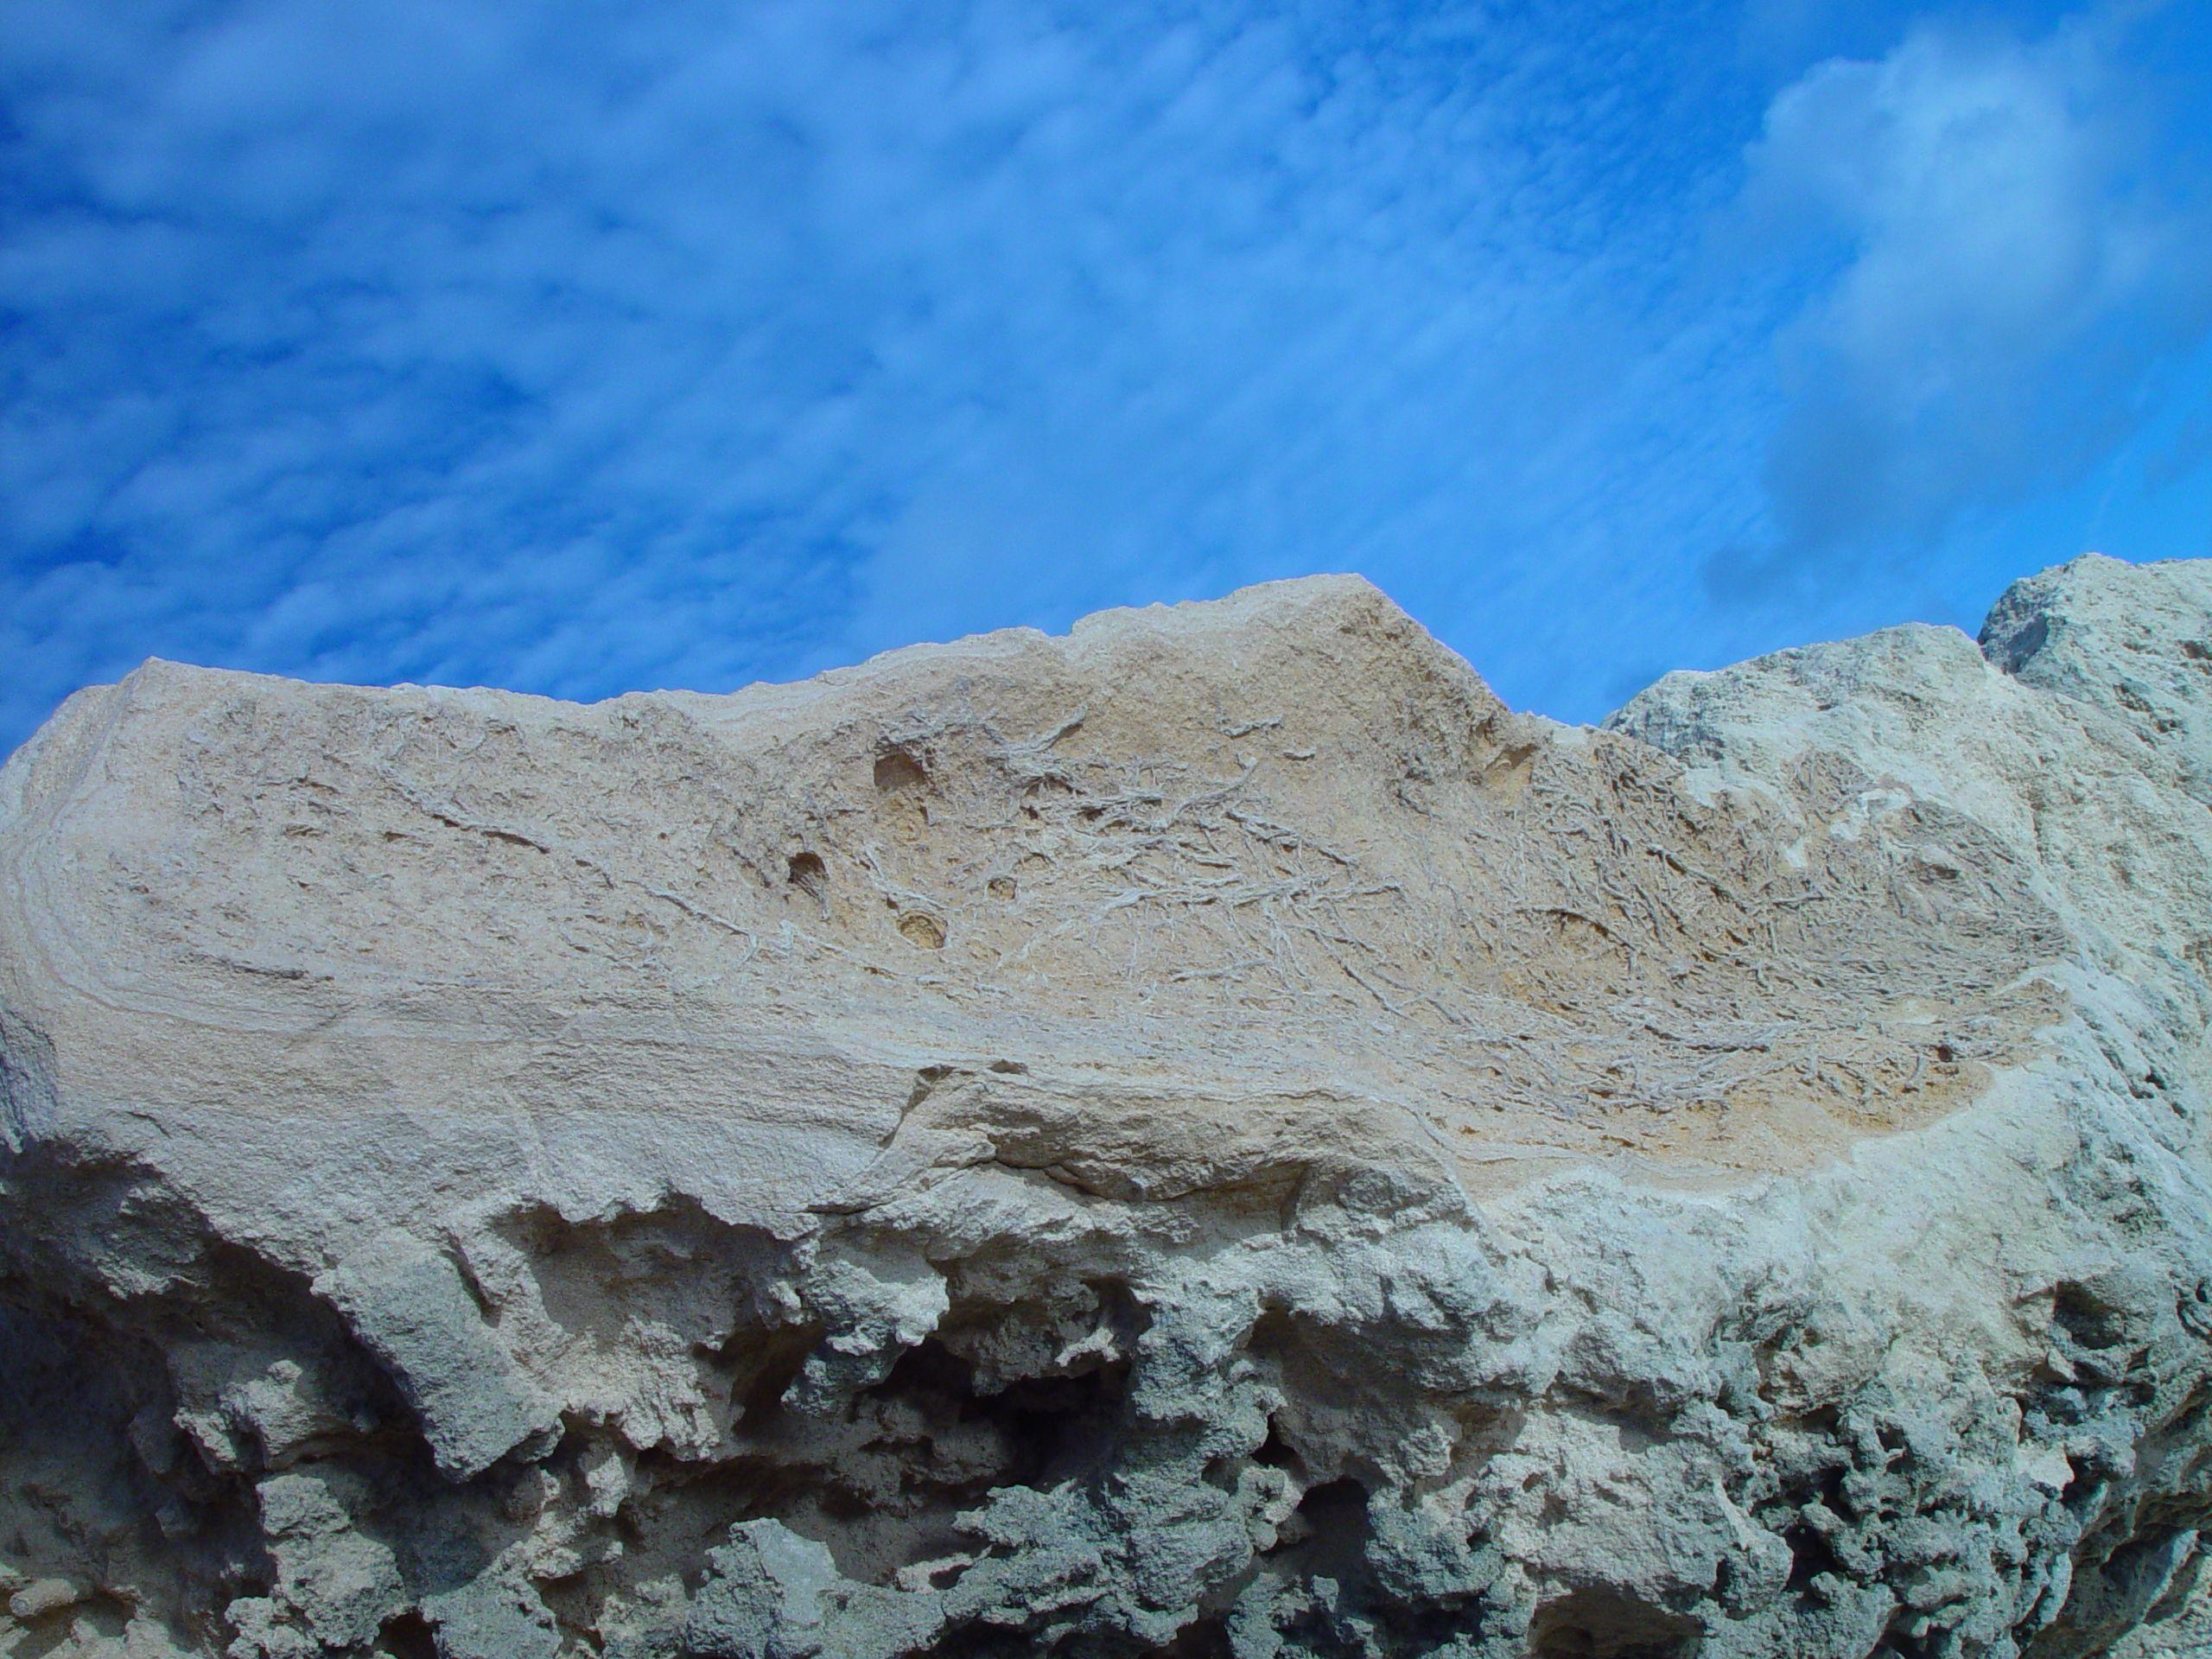 Картинки полезного ископаемого известняка